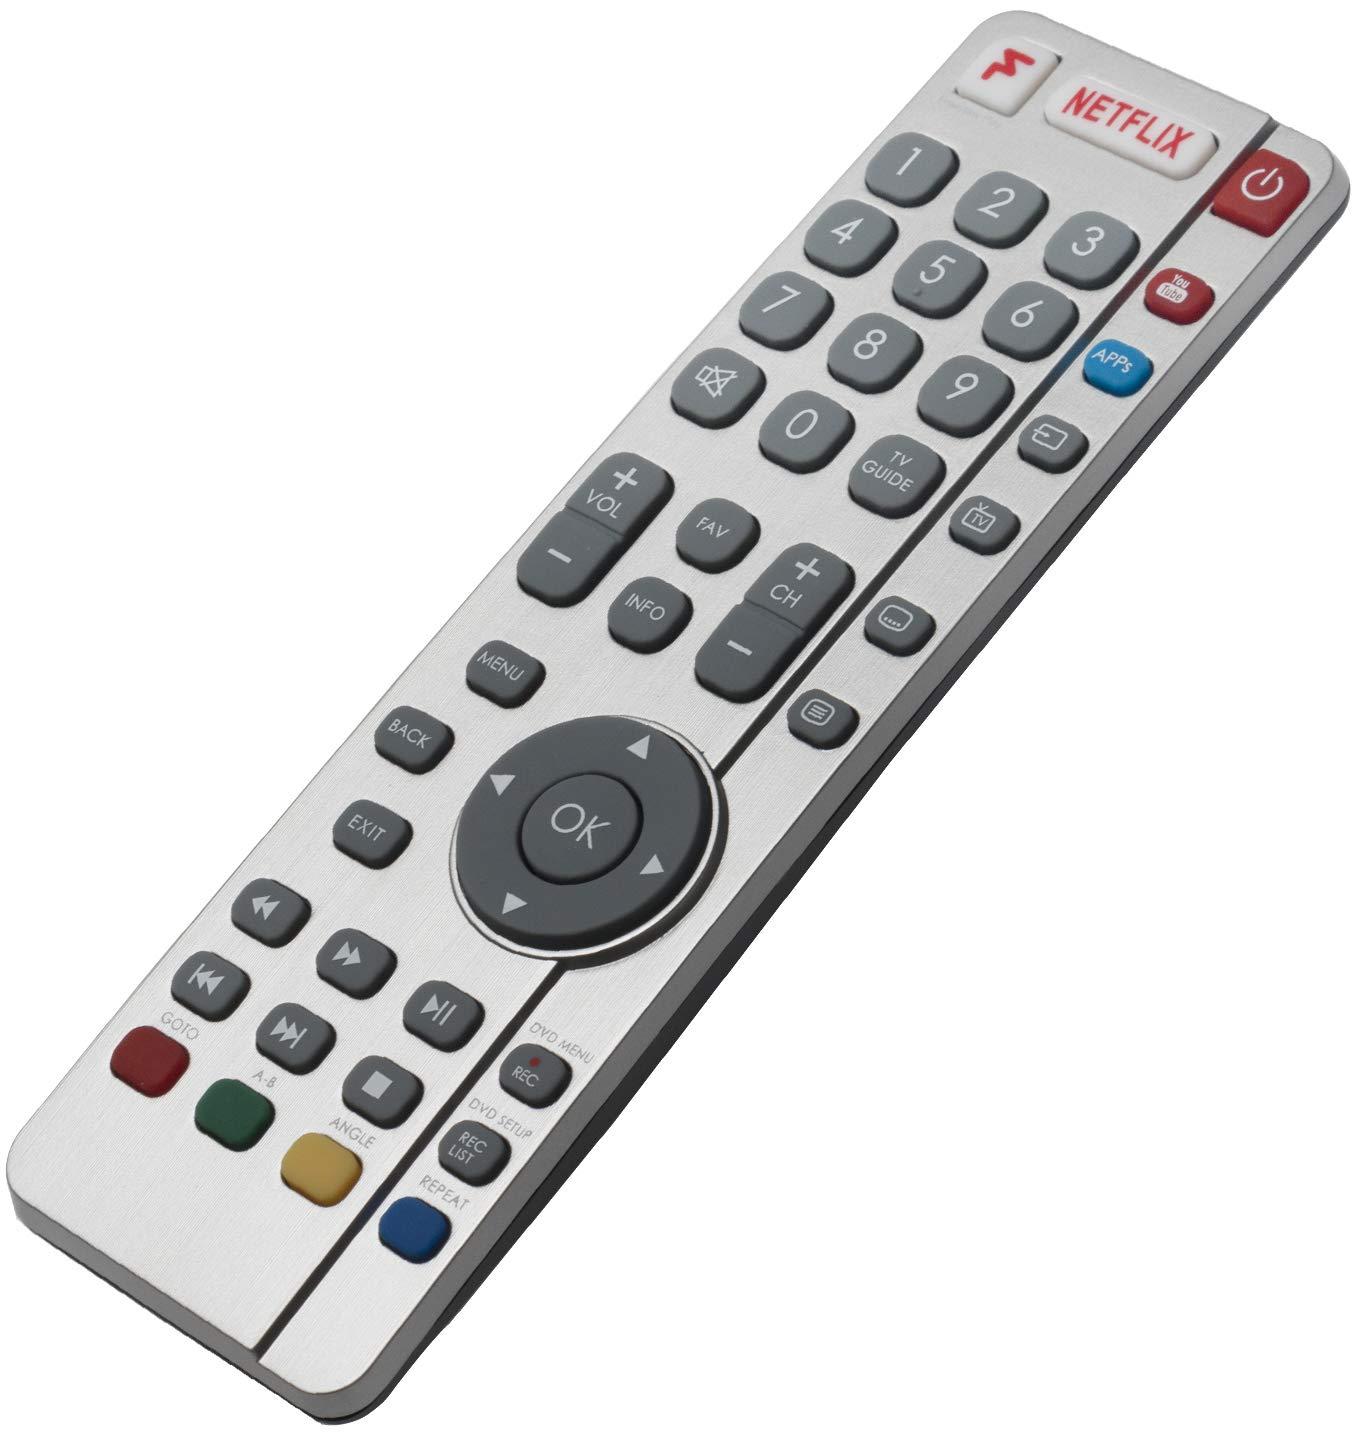 ALLIMITY SHW/RMC/0122 RF Mando a Distancia reemplazado por Sharp Aquos 4K UHD TV with Netflix LC-32DHG6021KF LC-40CFG6021KF LC-40CFG6022KF LC-40CFG6241KF LC-40CFG6242KF LC-43CFG6021KF: Amazon.es: Electrónica